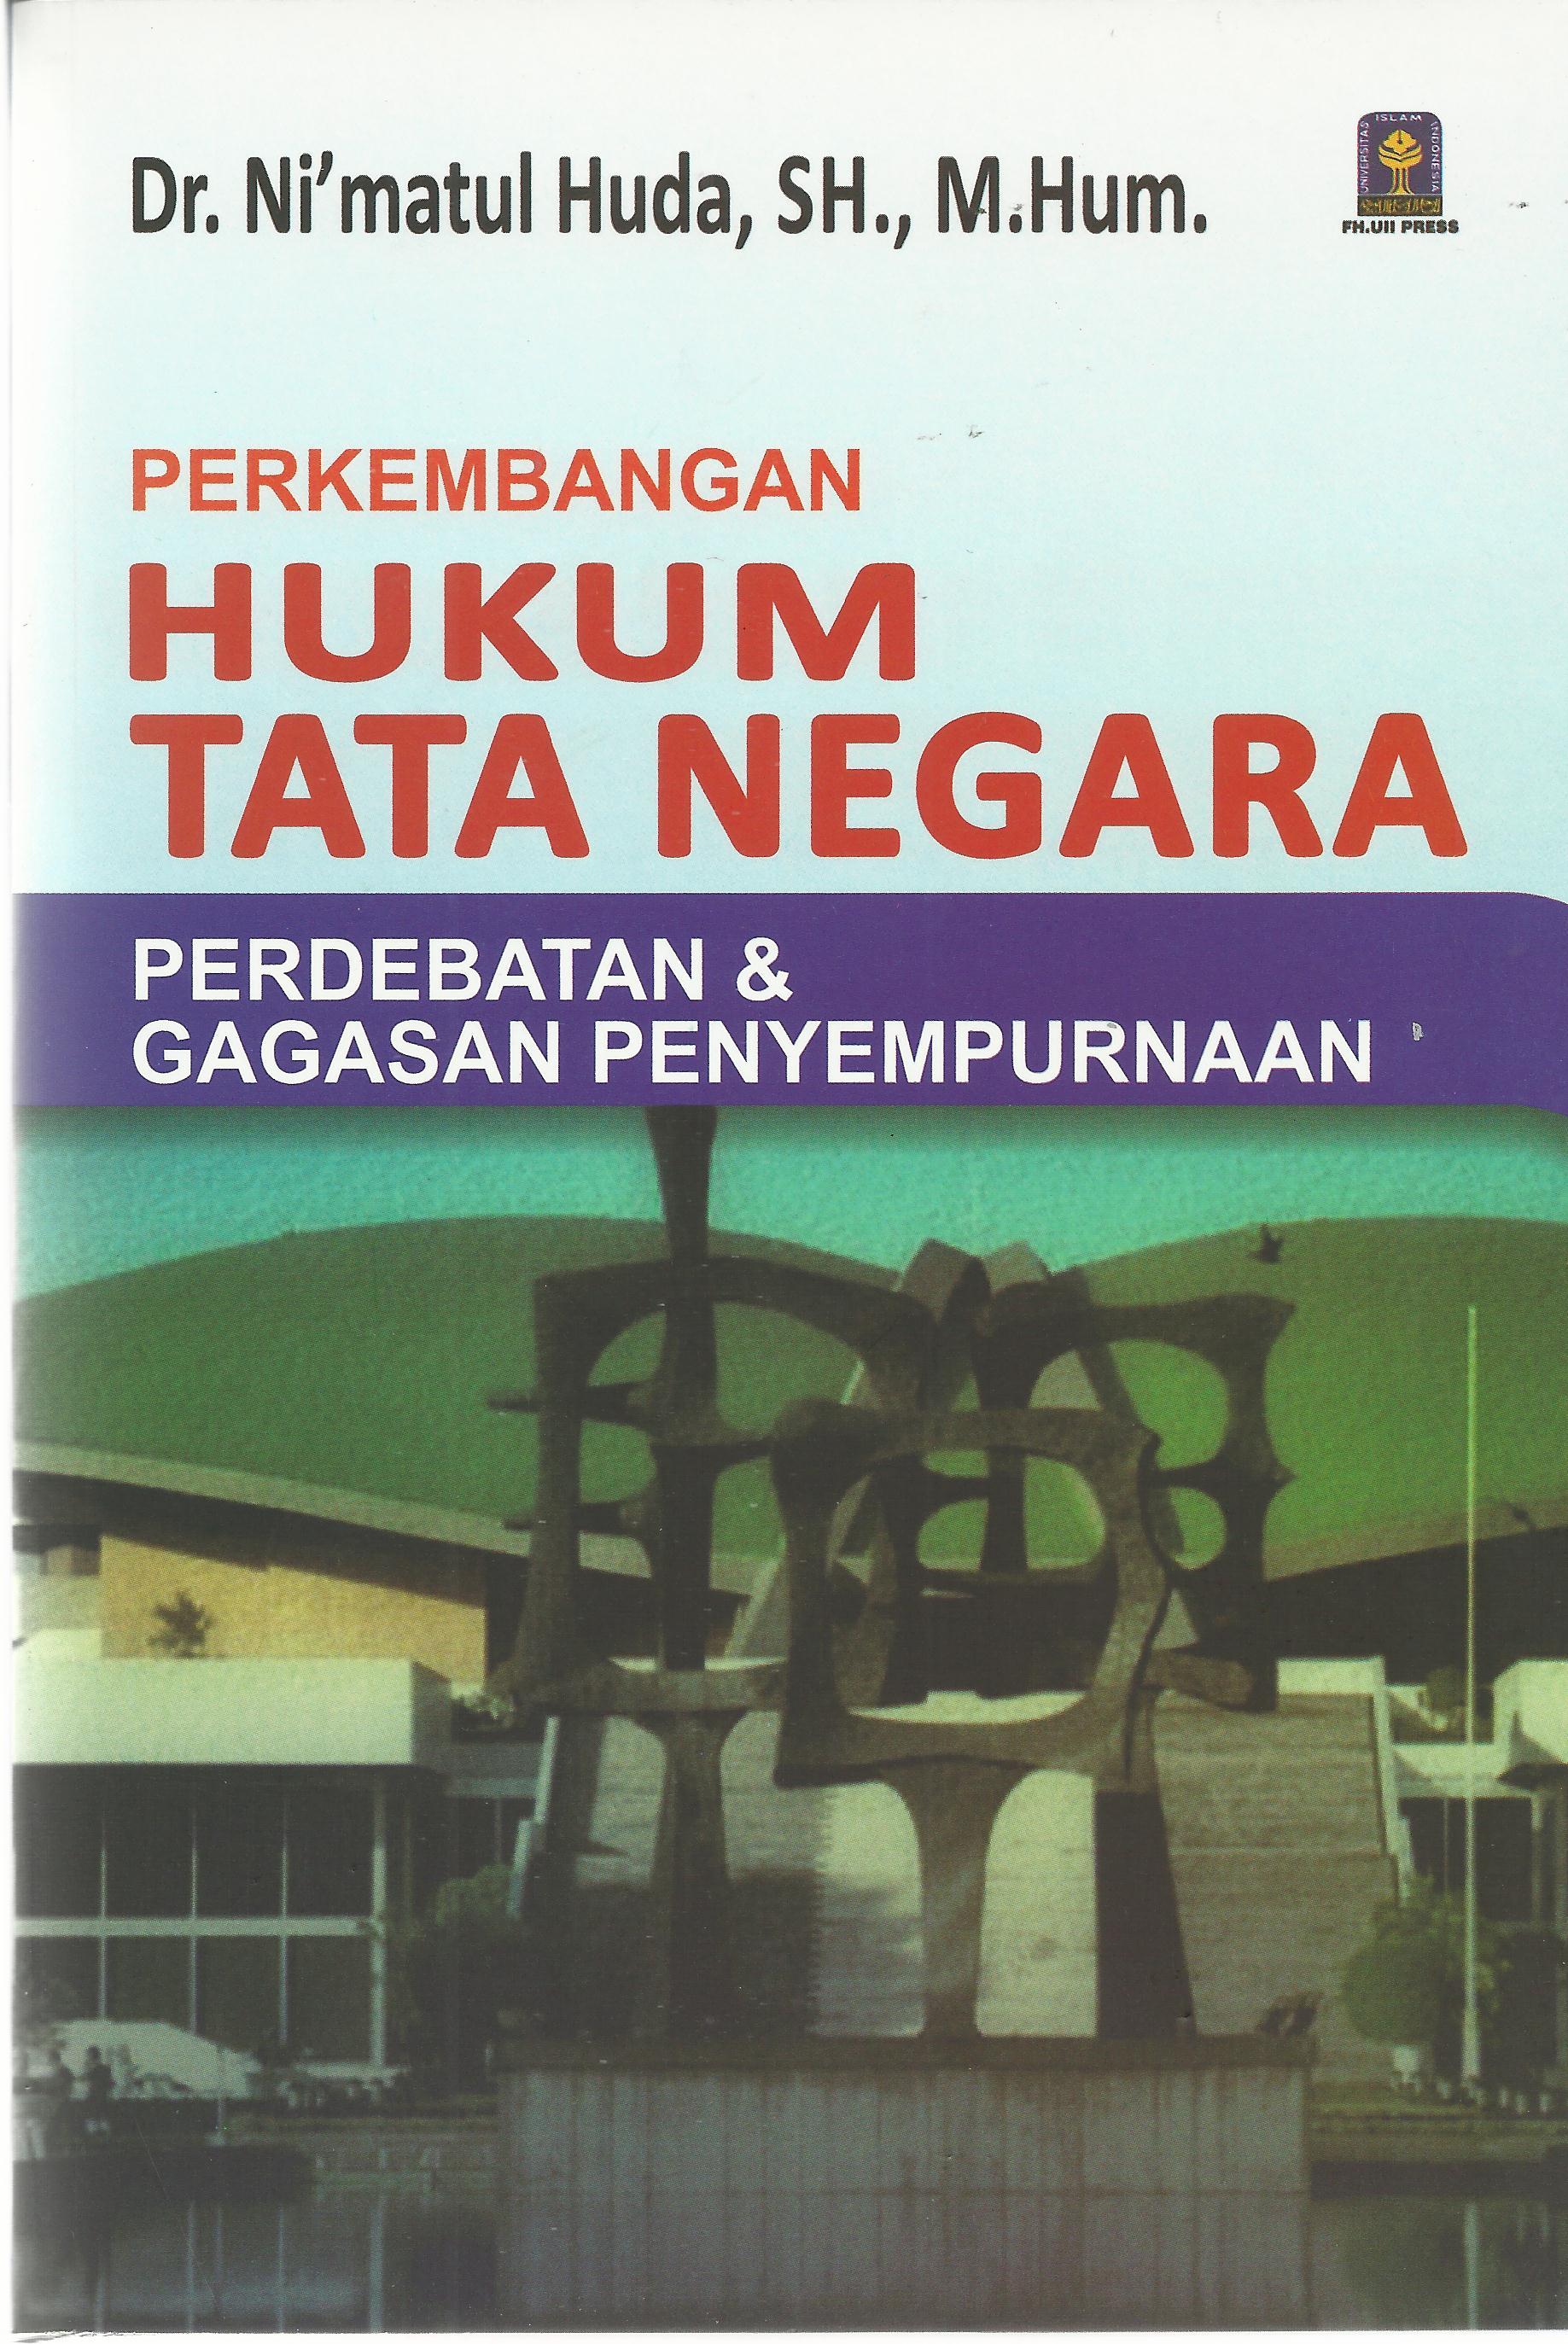 Perkembangan Hukum Tata Negara Perdebatan dan Gagasan Penyempurnaan